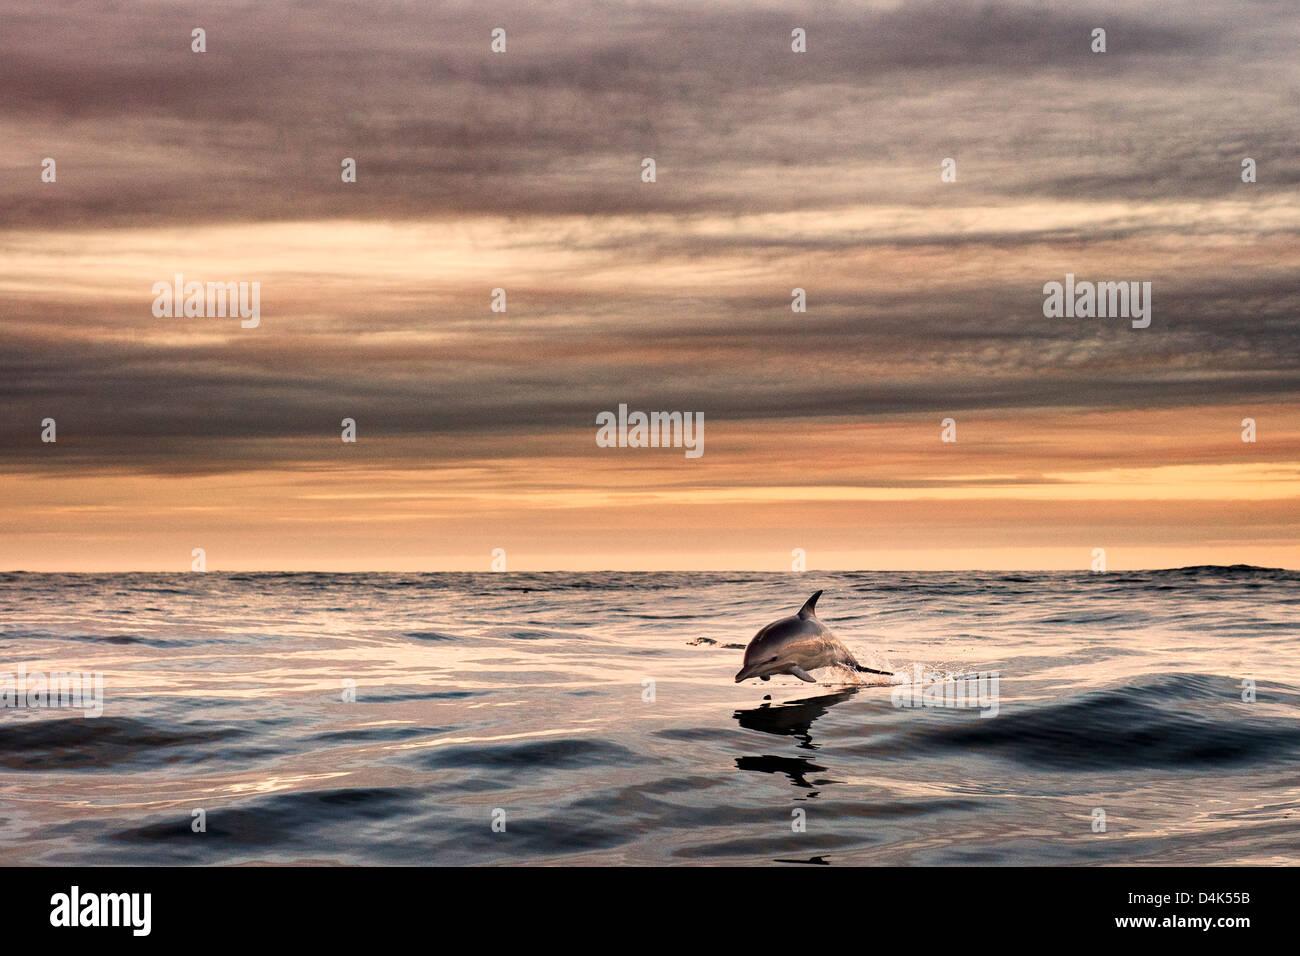 Delphin springen über Wasser Stockbild